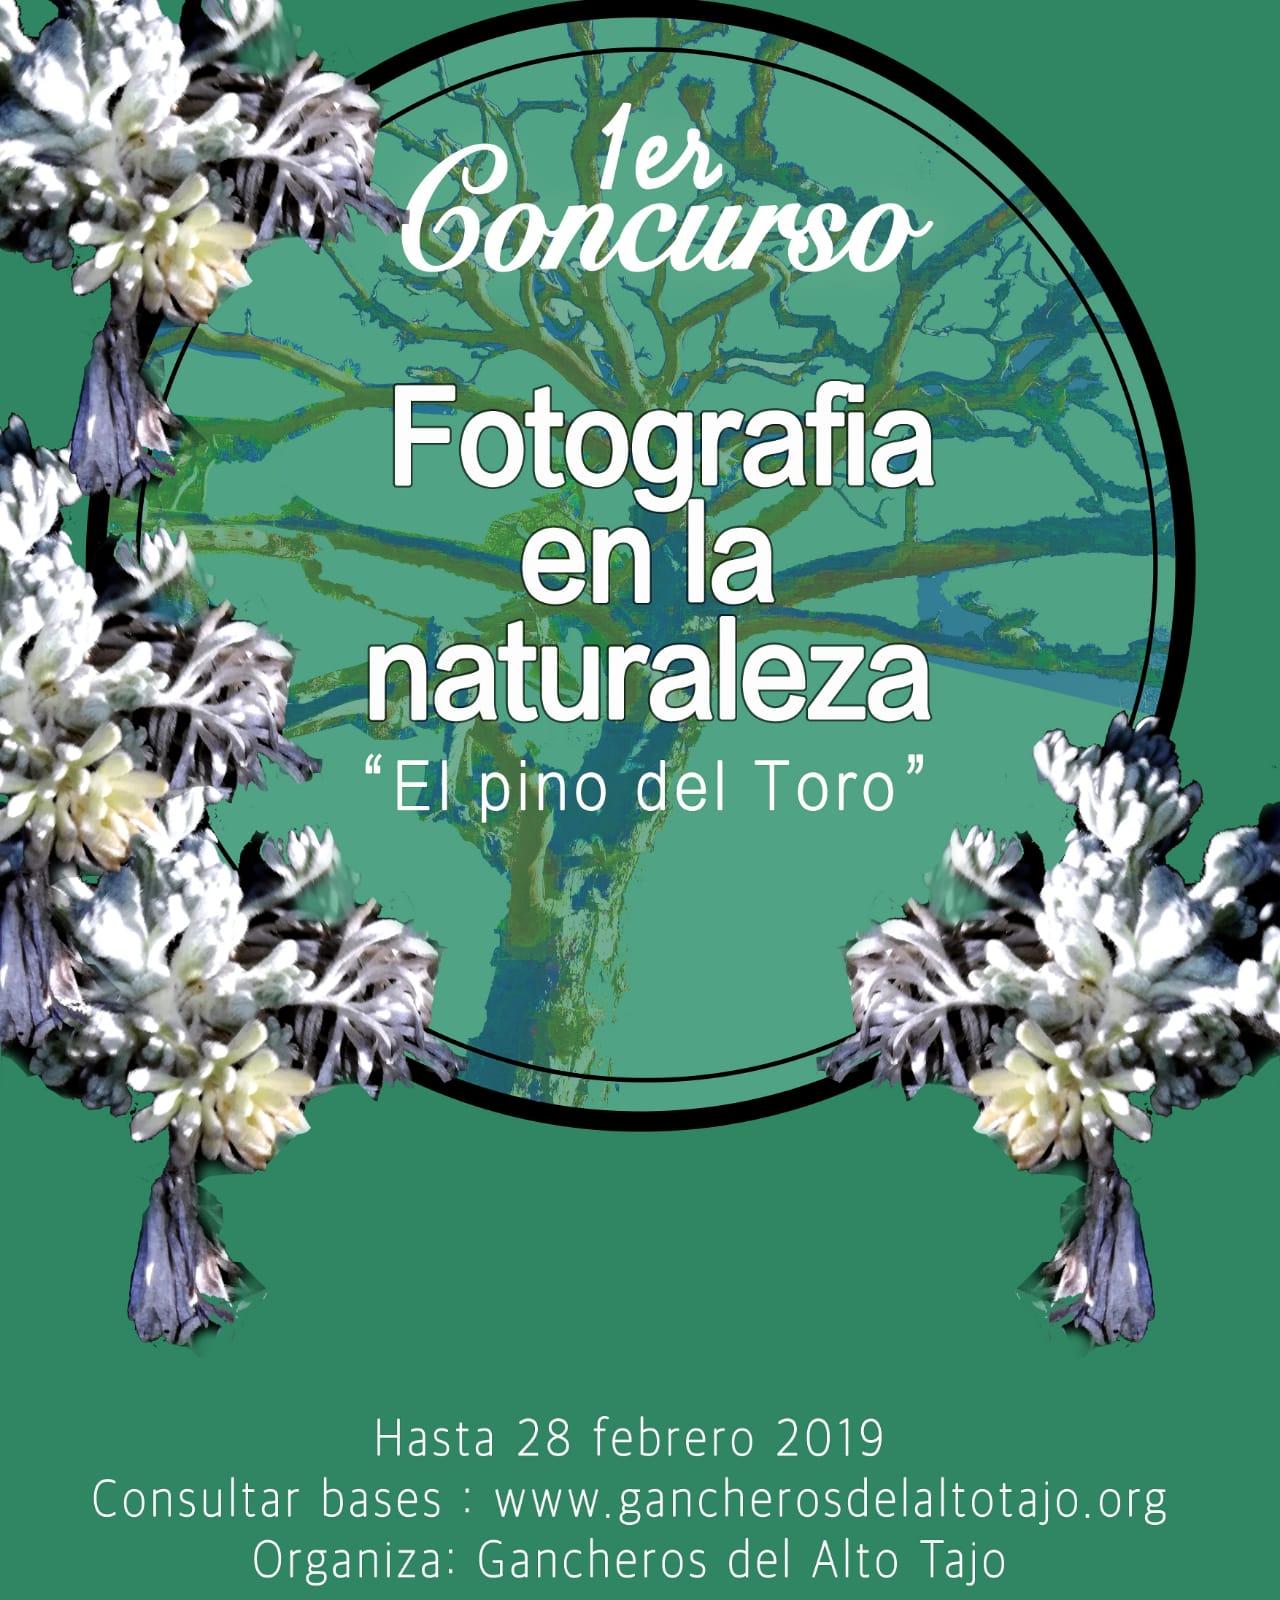 La Asociación de Municipios Gancheros del Alto Tajo convoca un original certamen de fotografía